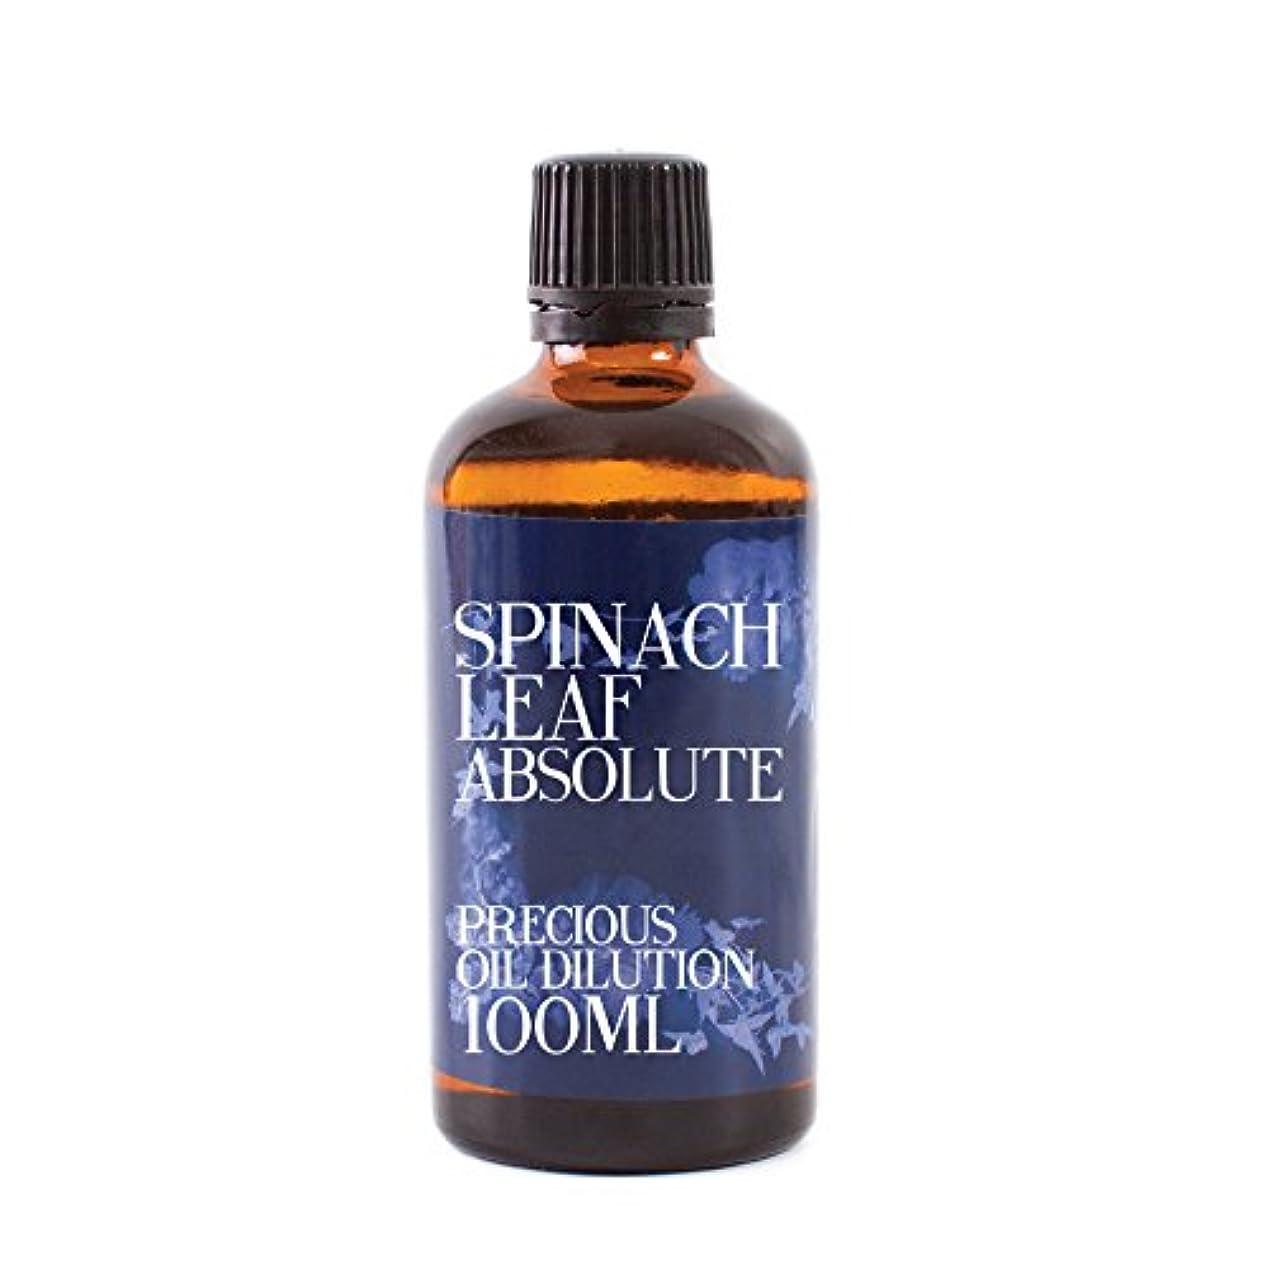 ハブブリングレット退却Spinach Leaf Absolute Oil Dilution - 100ml - 3% Jojoba Blend